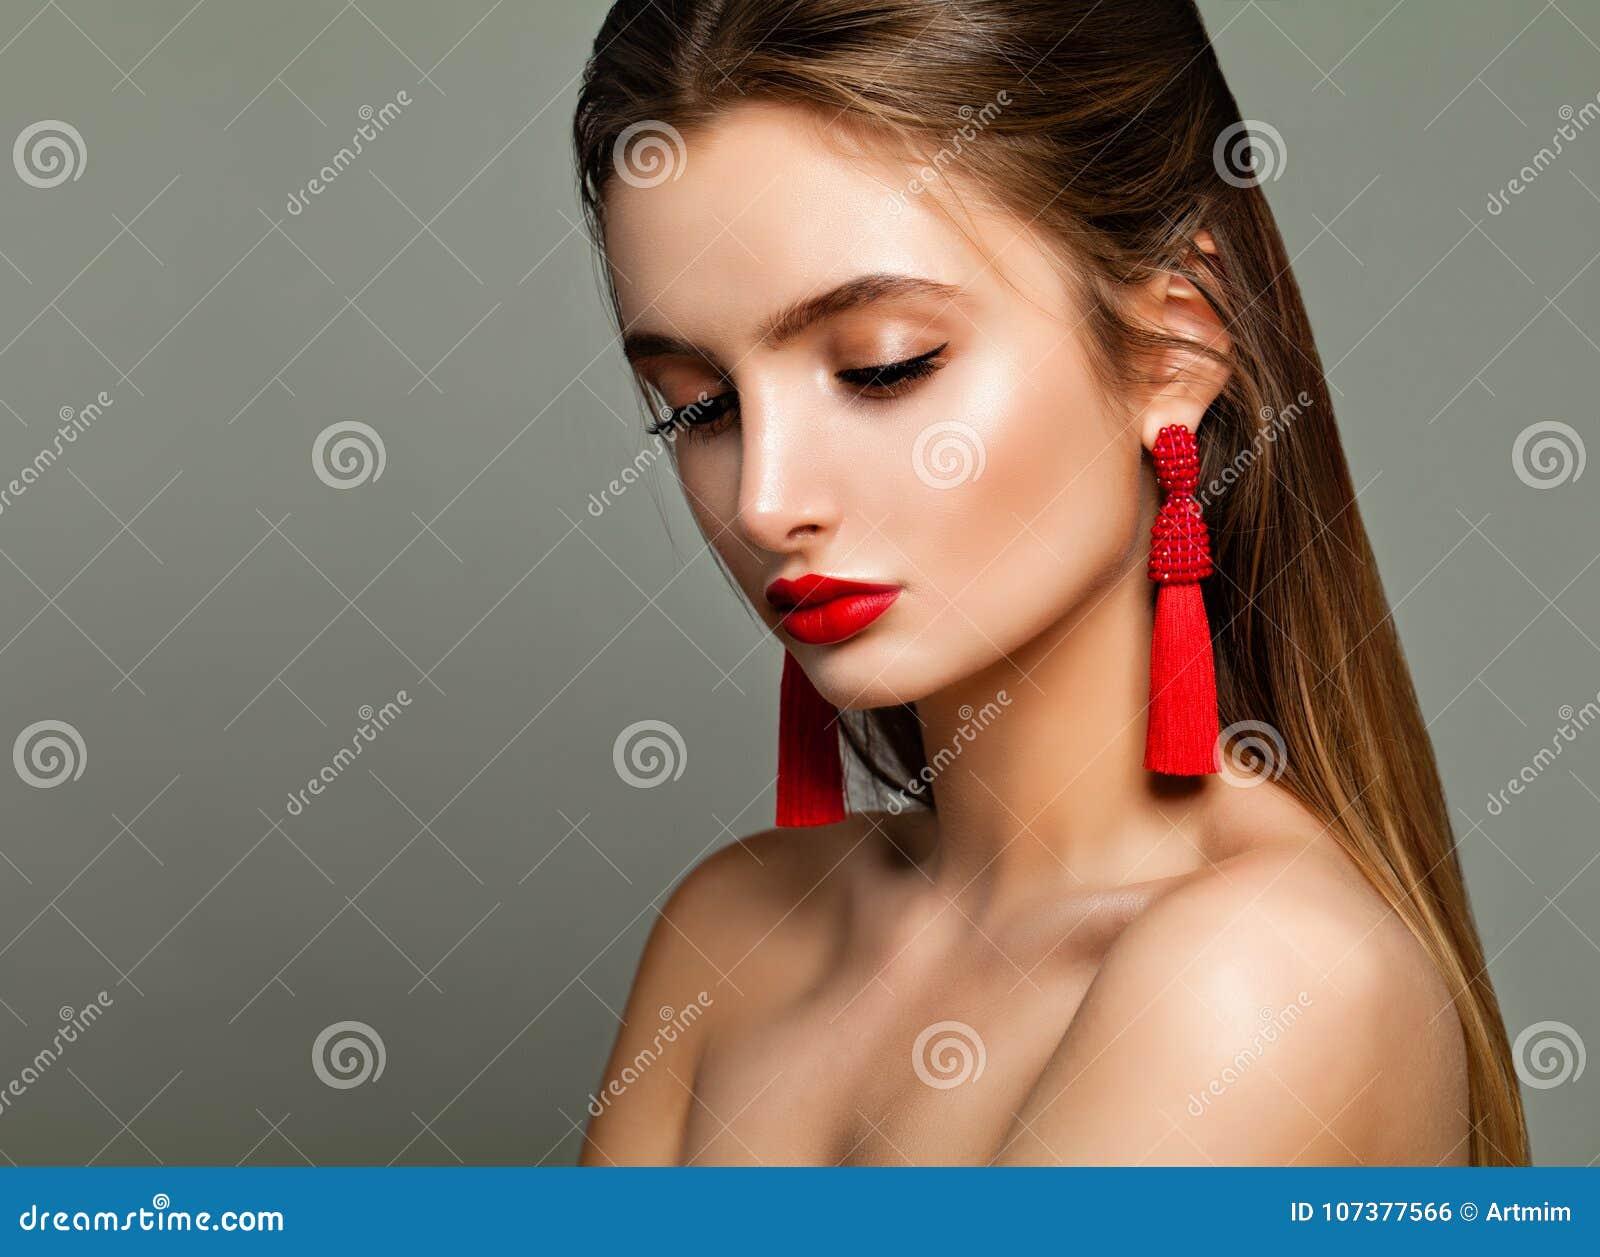 Junge Schönheit Perfekte Frau mit Mode-Make-up